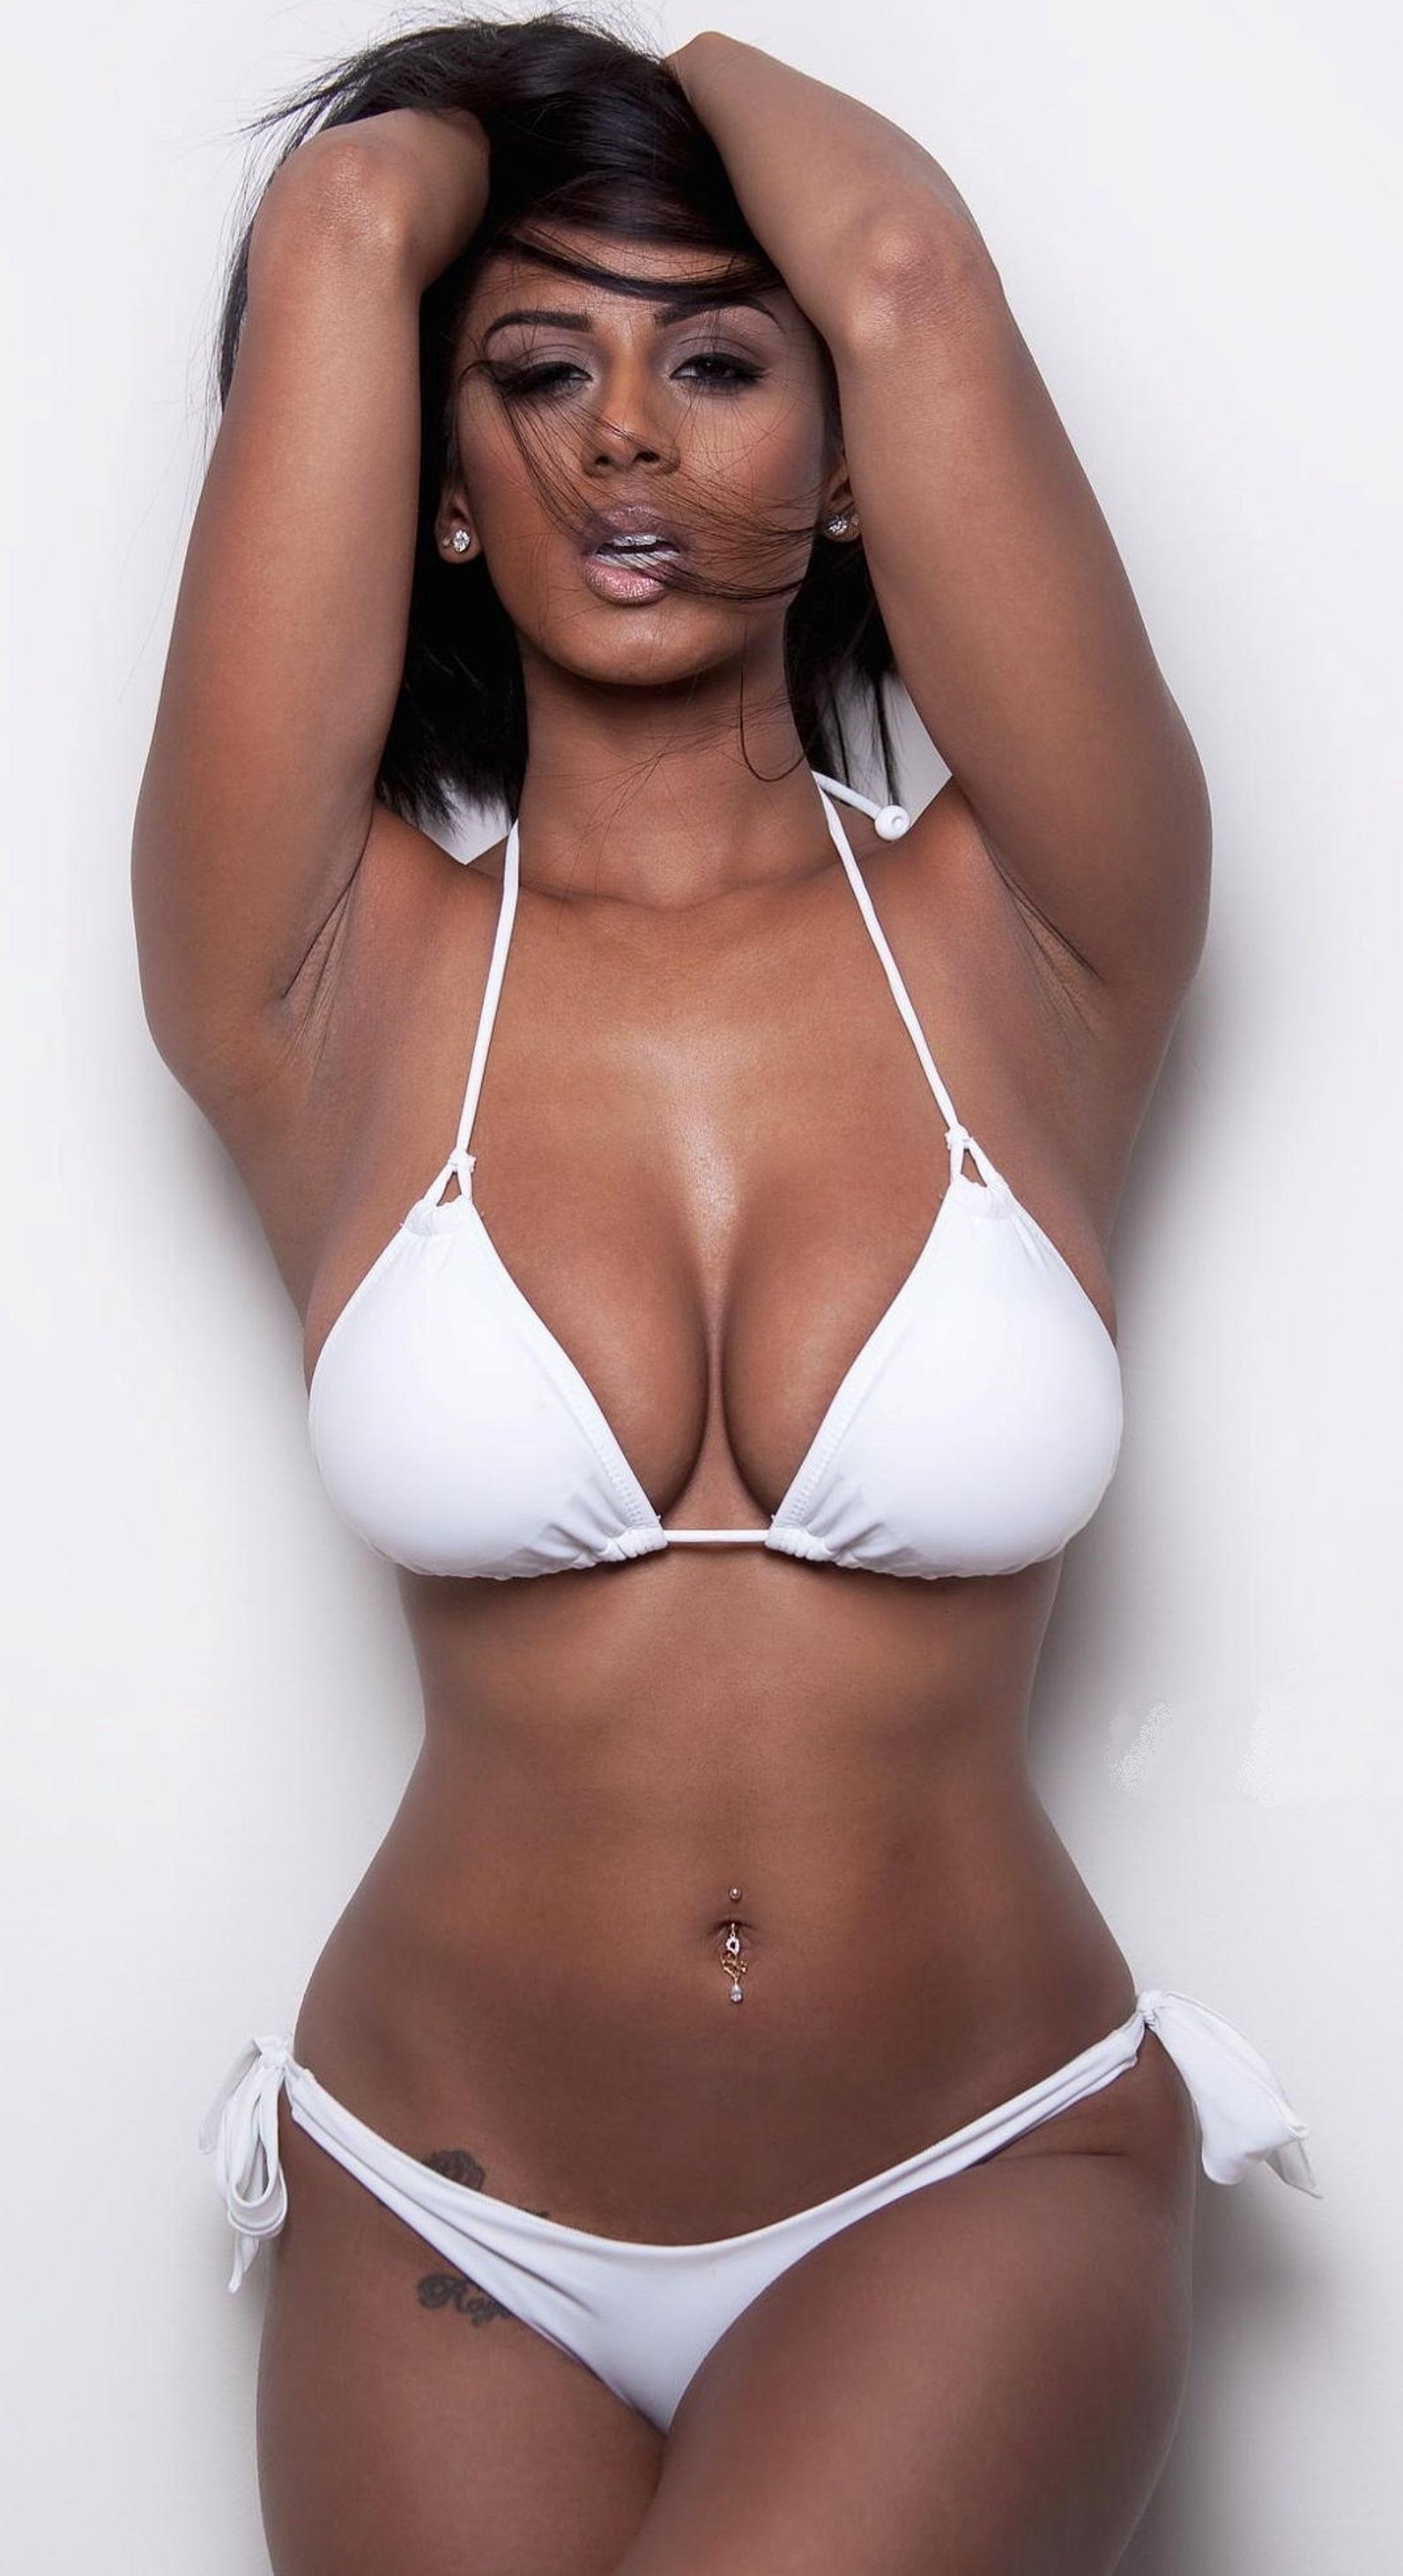 Latina Nudes